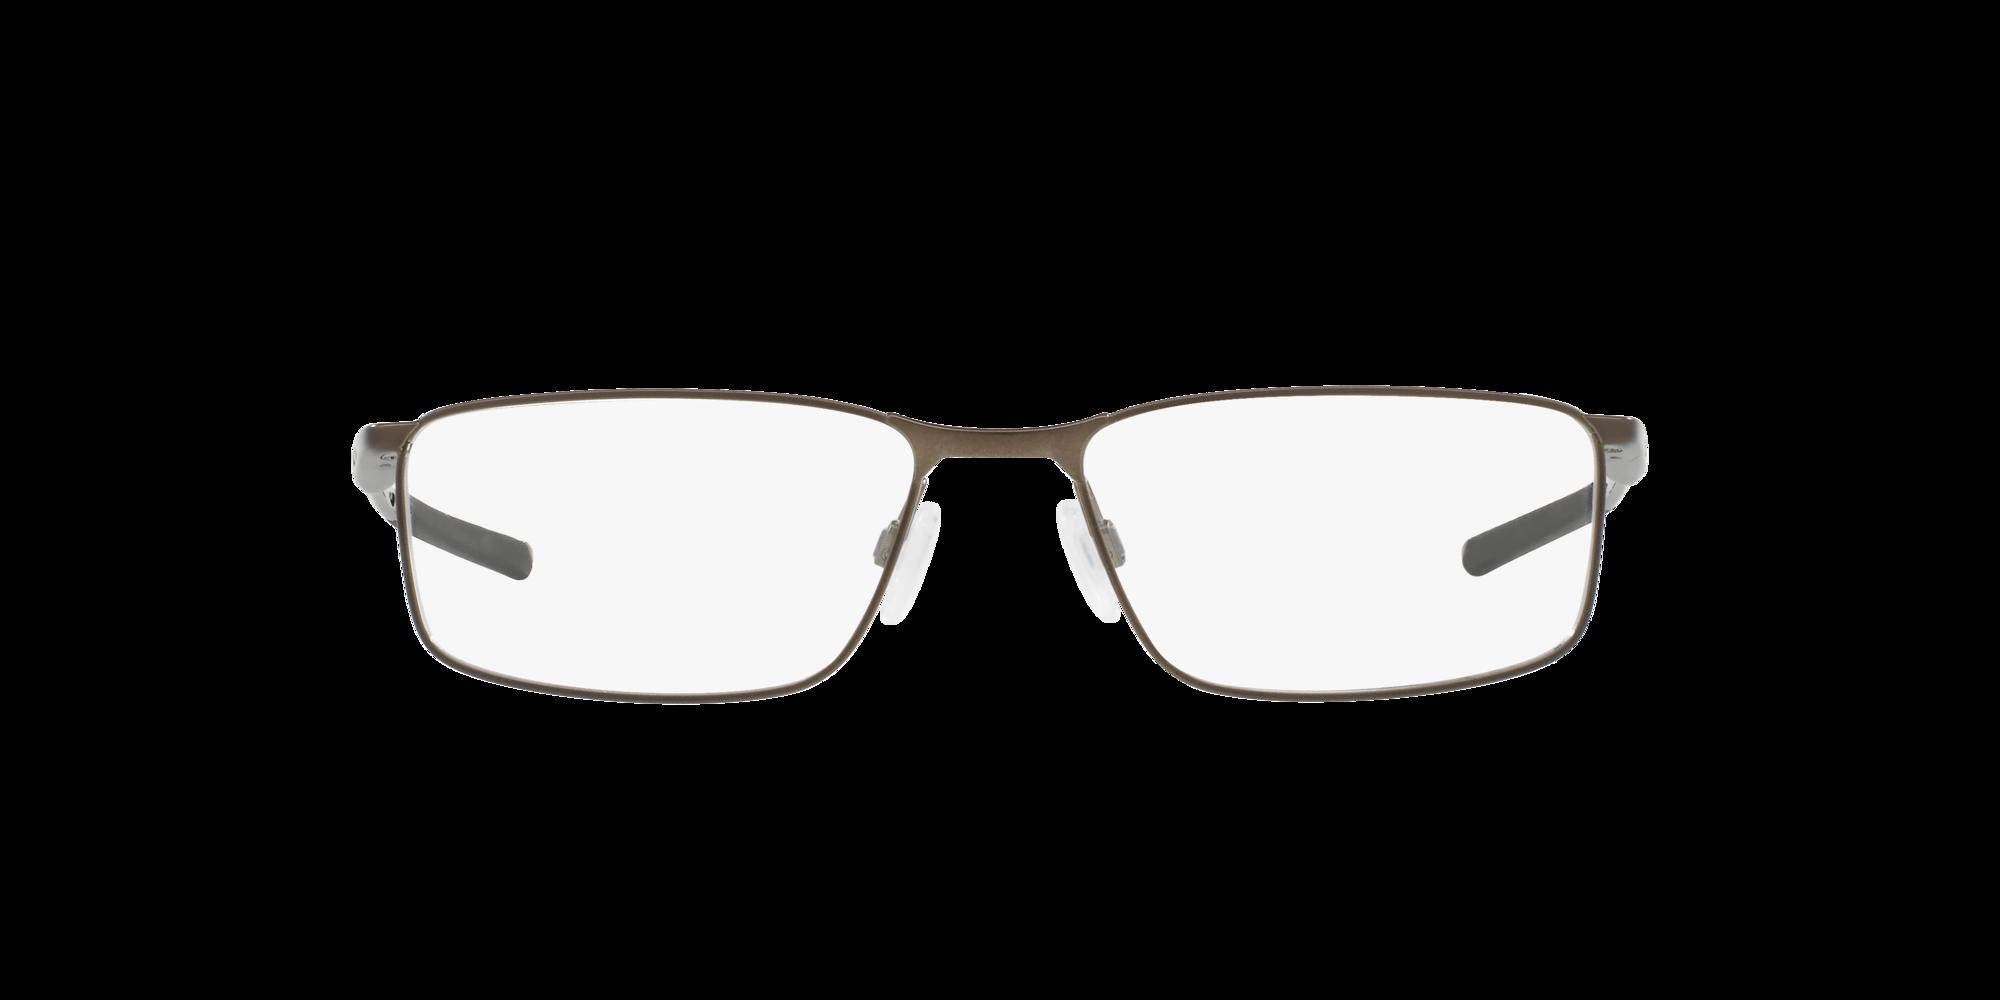 Imagen para OX3217 Socket 5.0 de LensCrafters |  Espejuelos, espejuelos graduados en línea, gafas